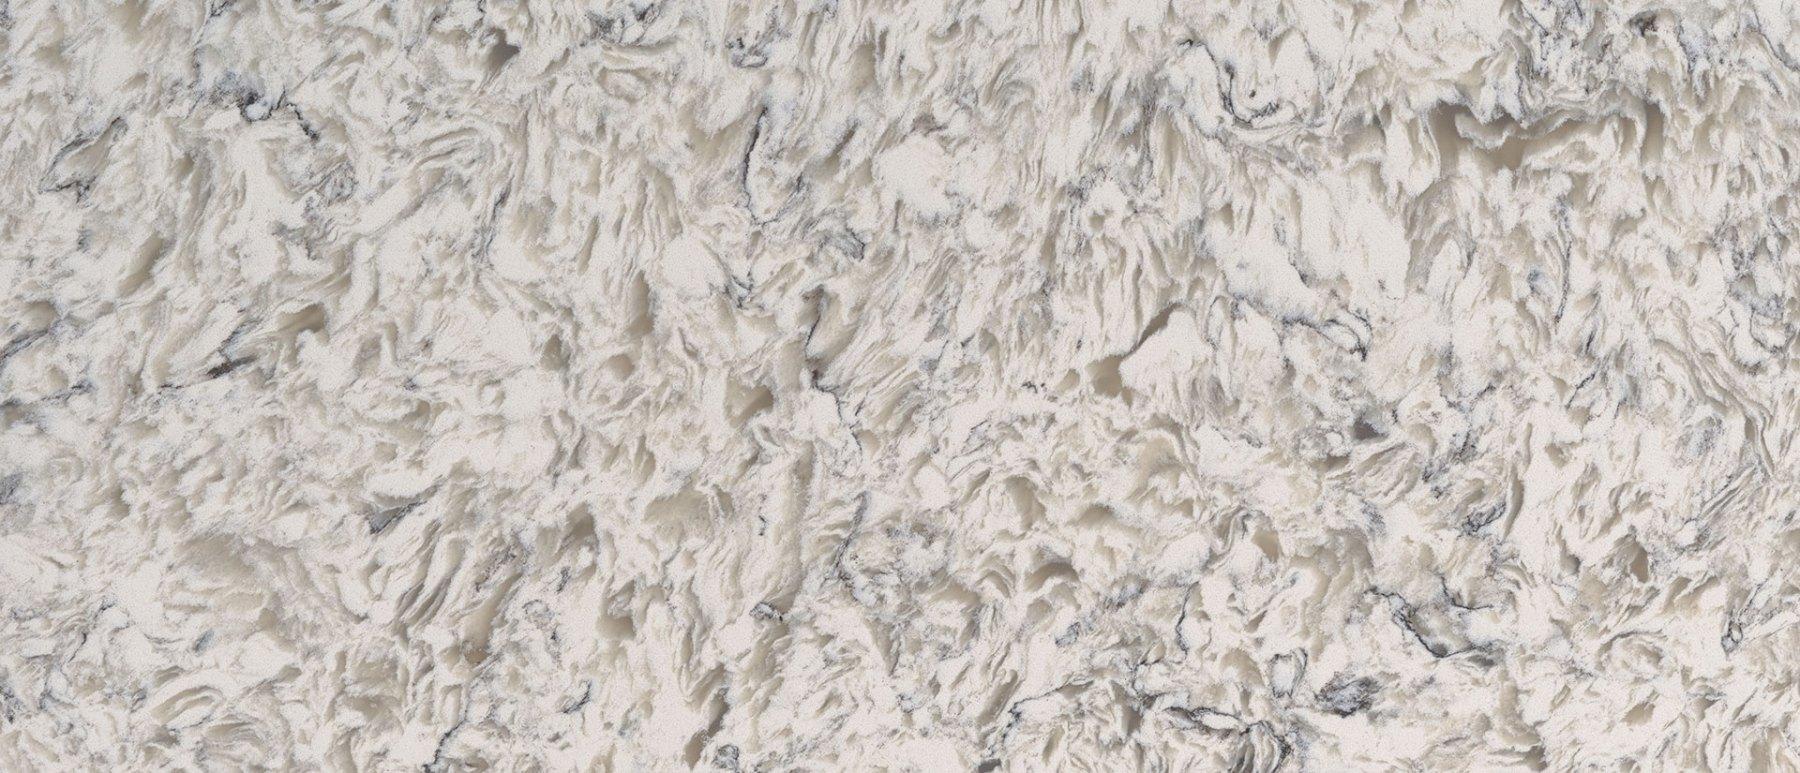 montclair-white-quartz-1